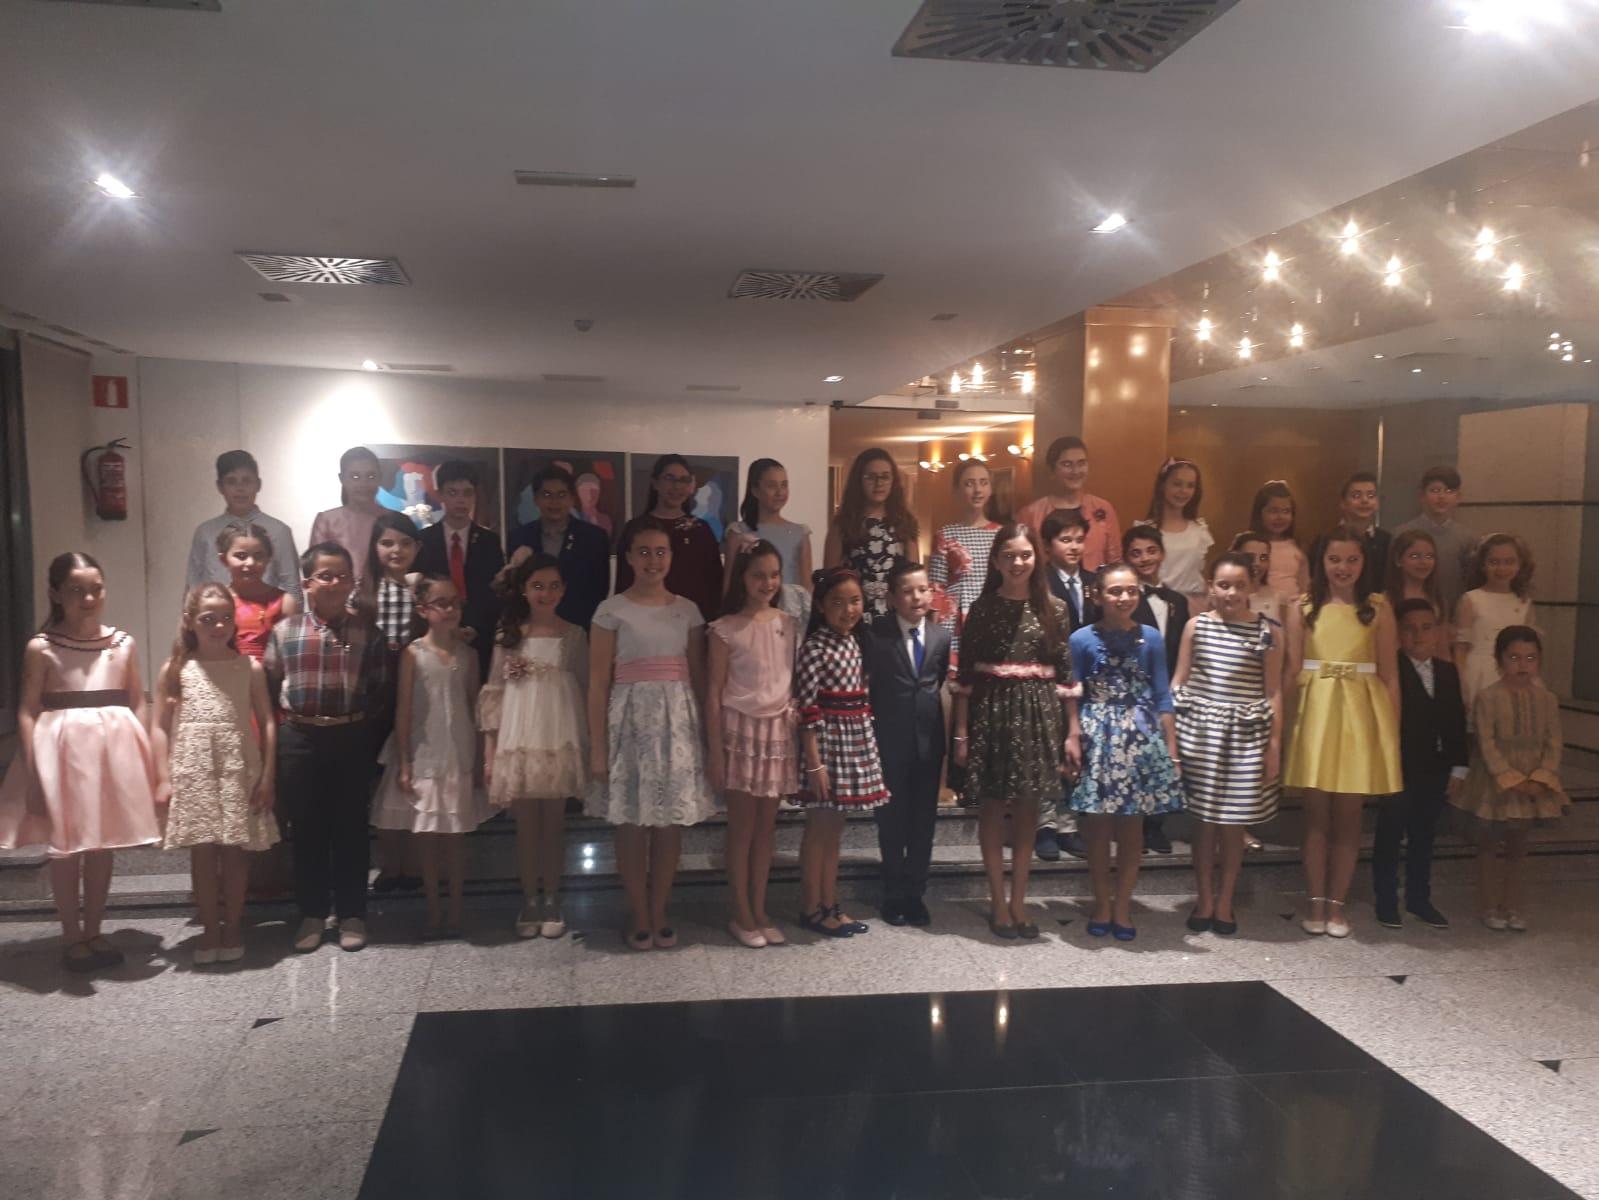 MERIENDAREINA-2019-02-24-21-51-51(2)